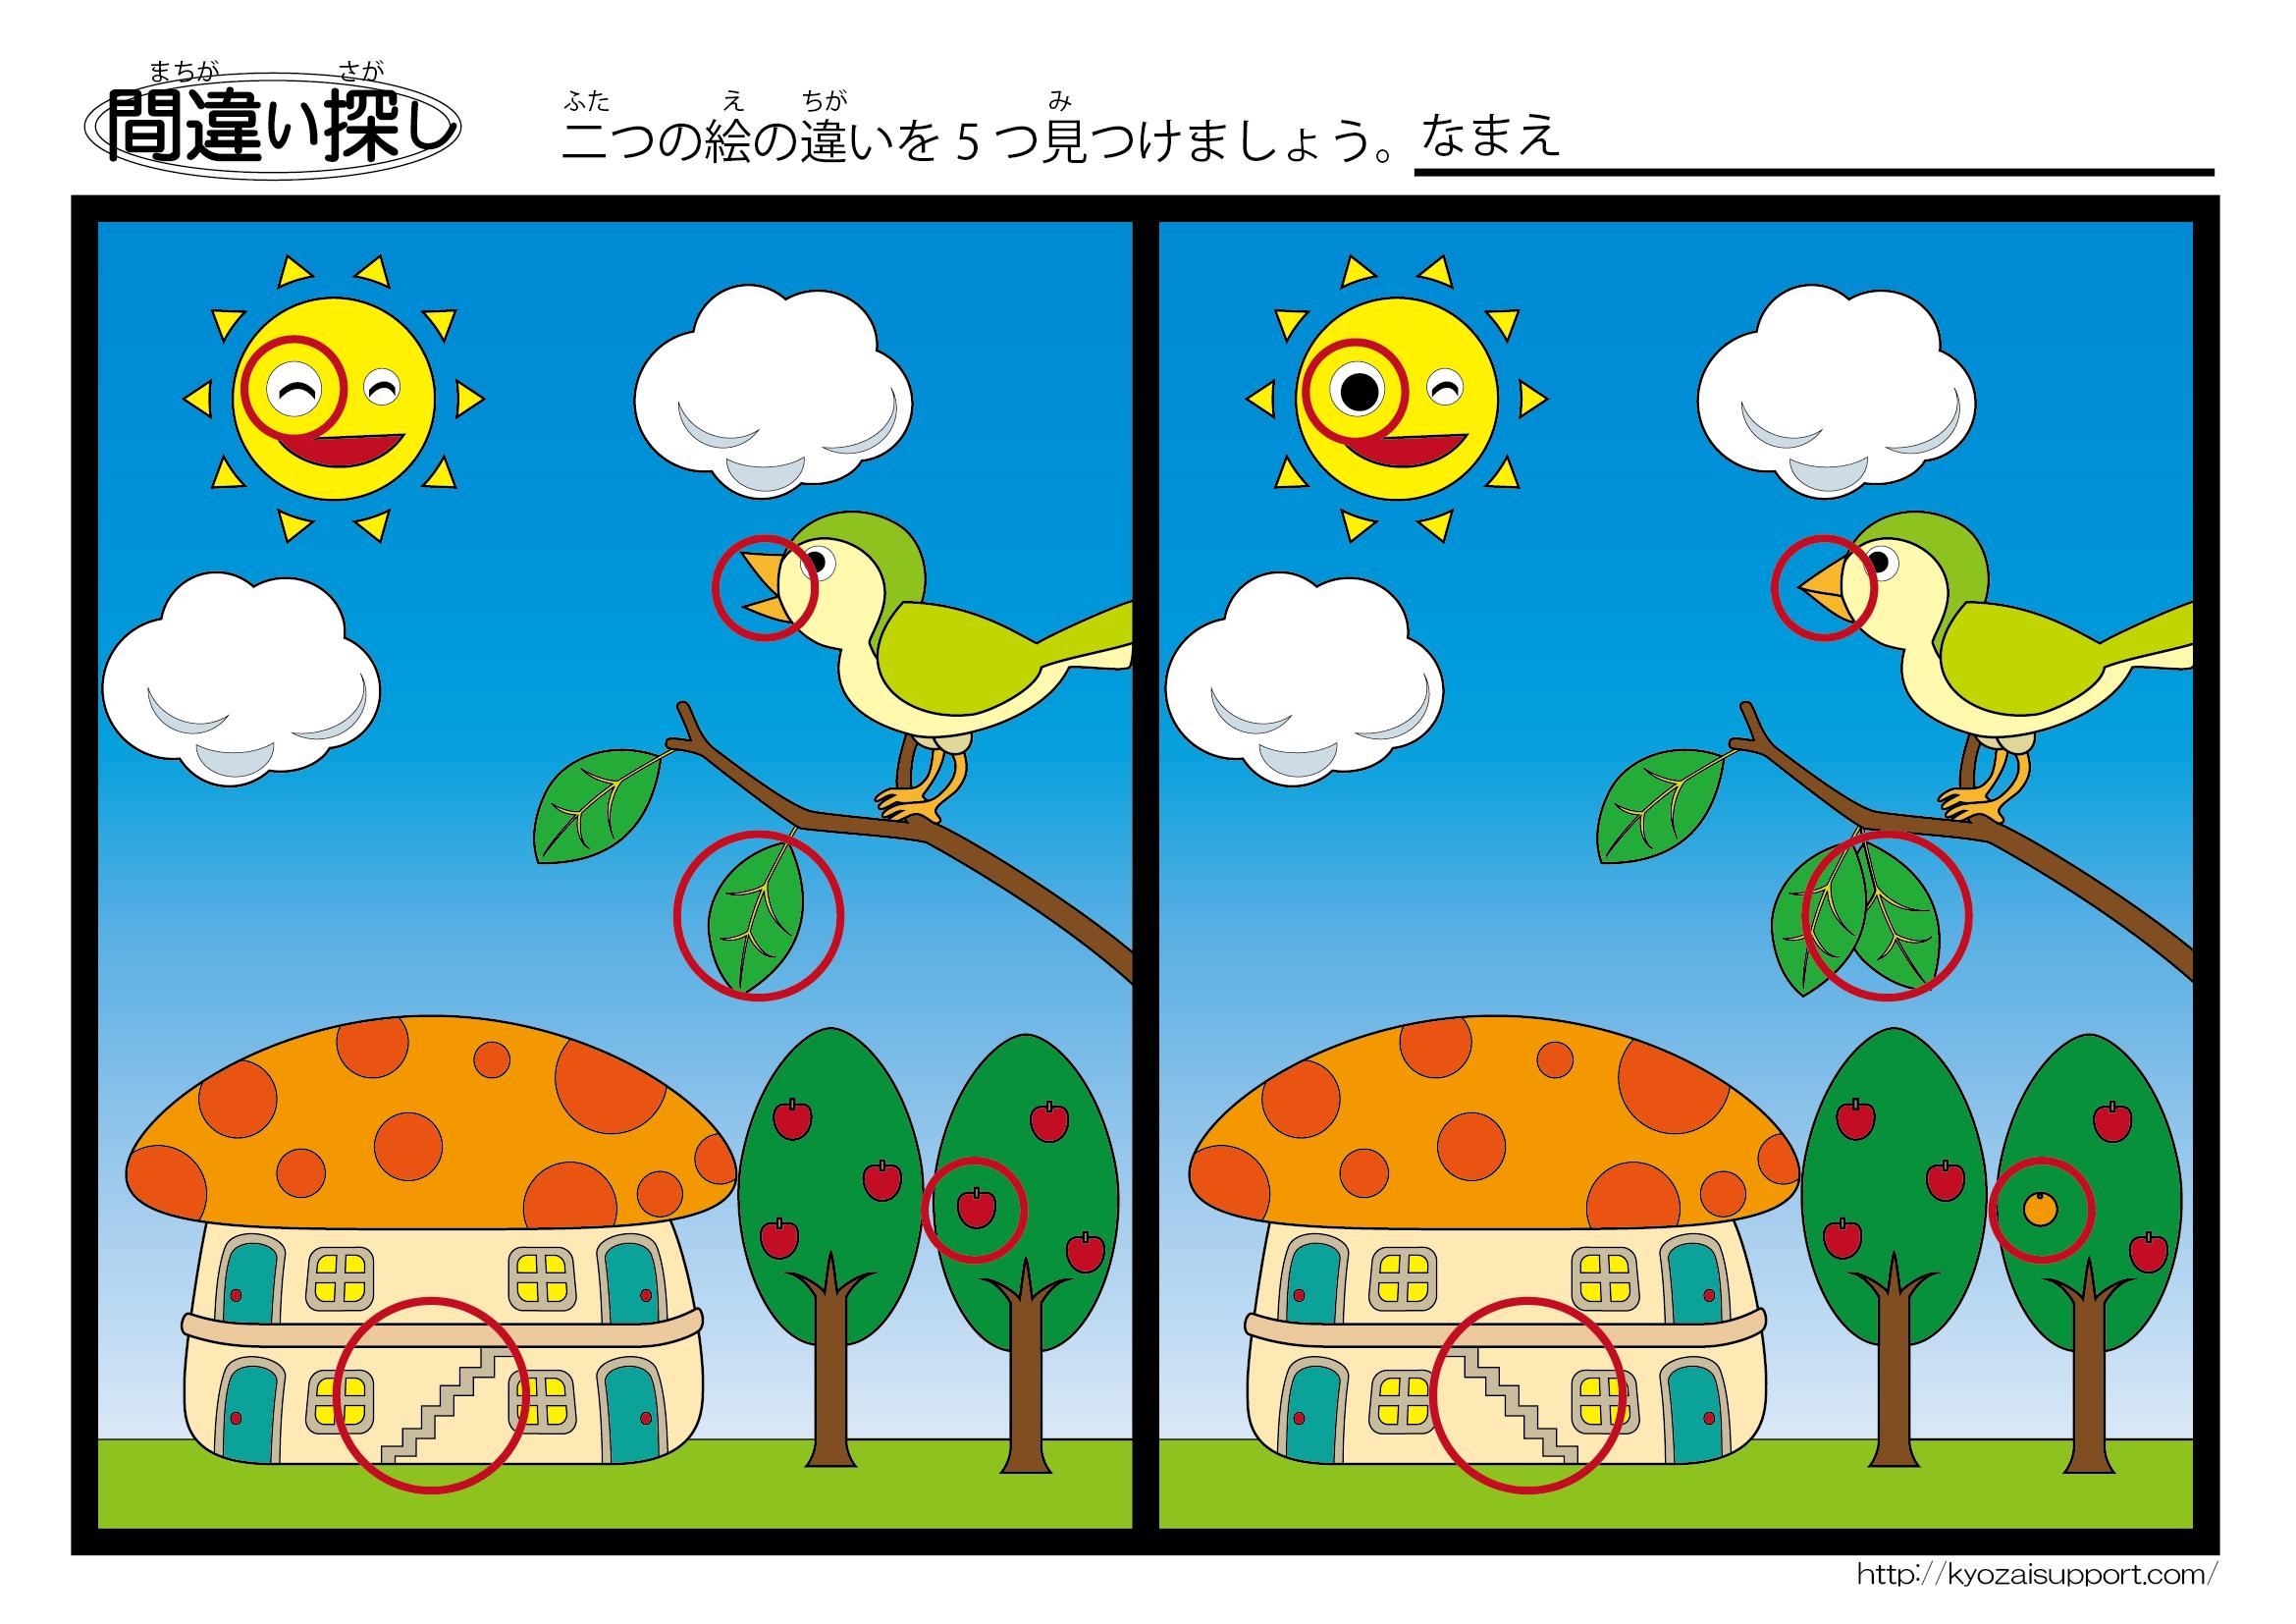 キノコの家と小鳥と太陽の間違い探しプリント